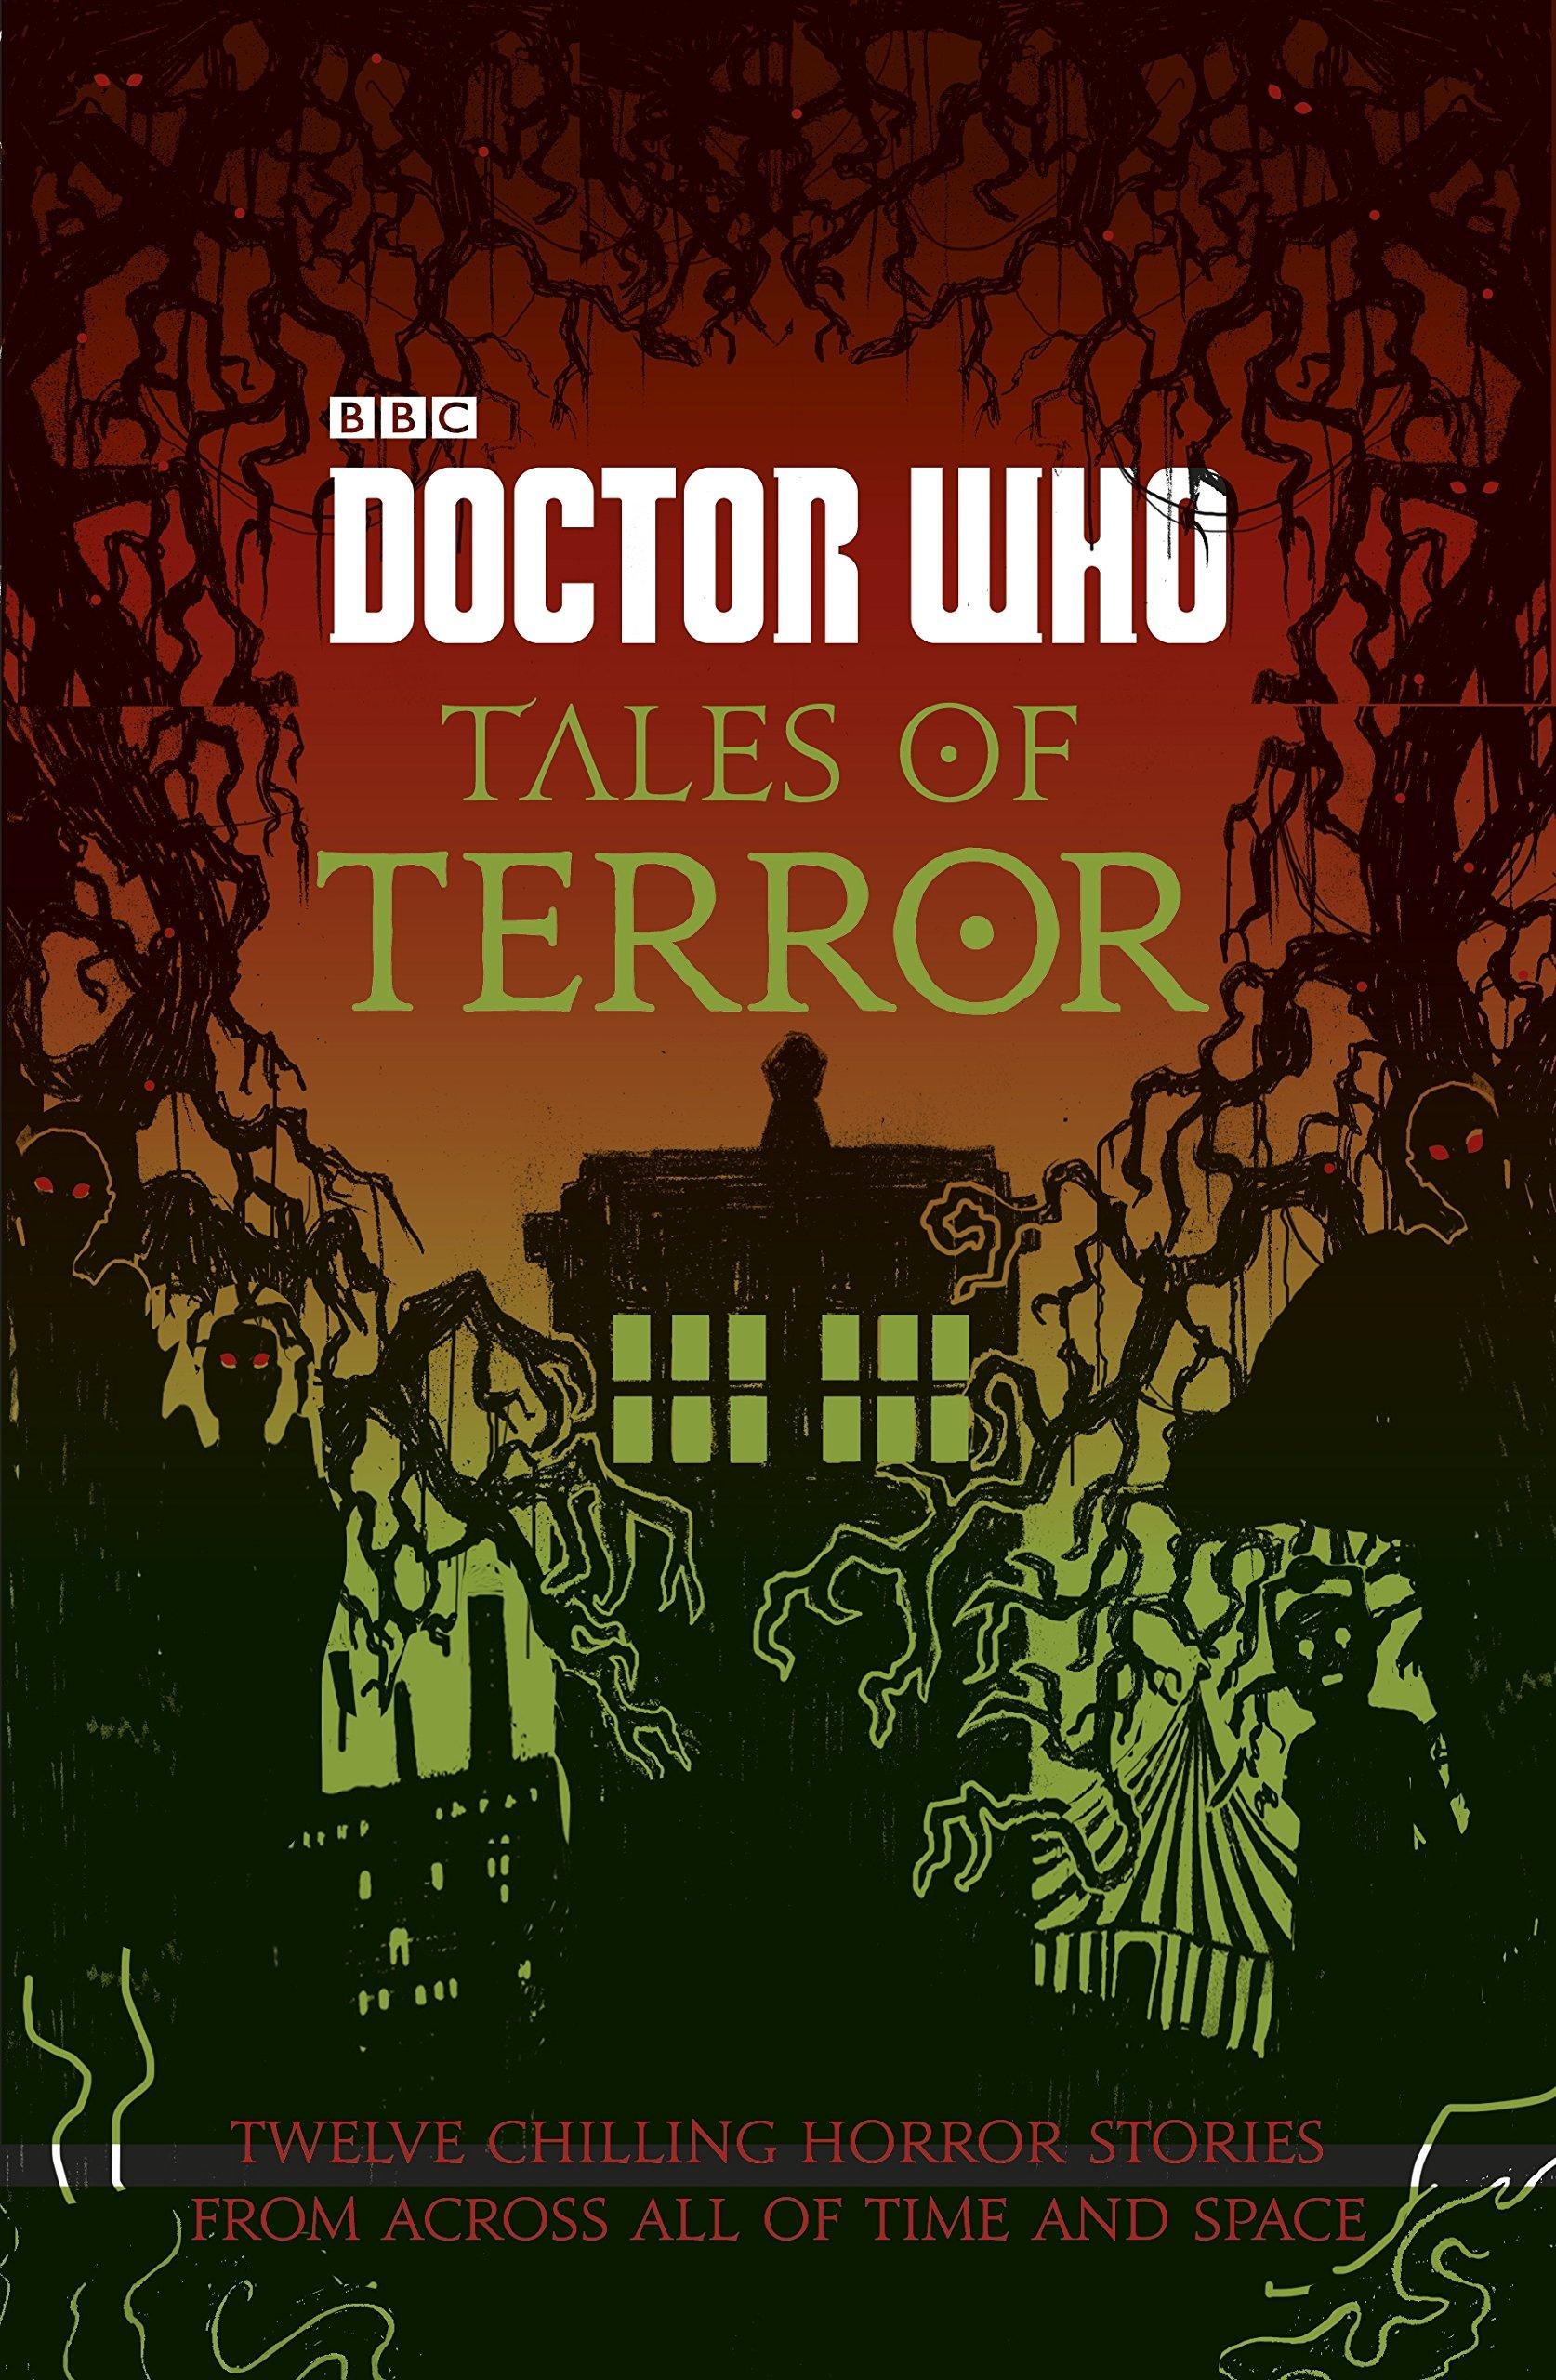 Doctor Who: Tales Of Terror: Amazon.es: Vv.Aa: Libros en idiomas extranjeros